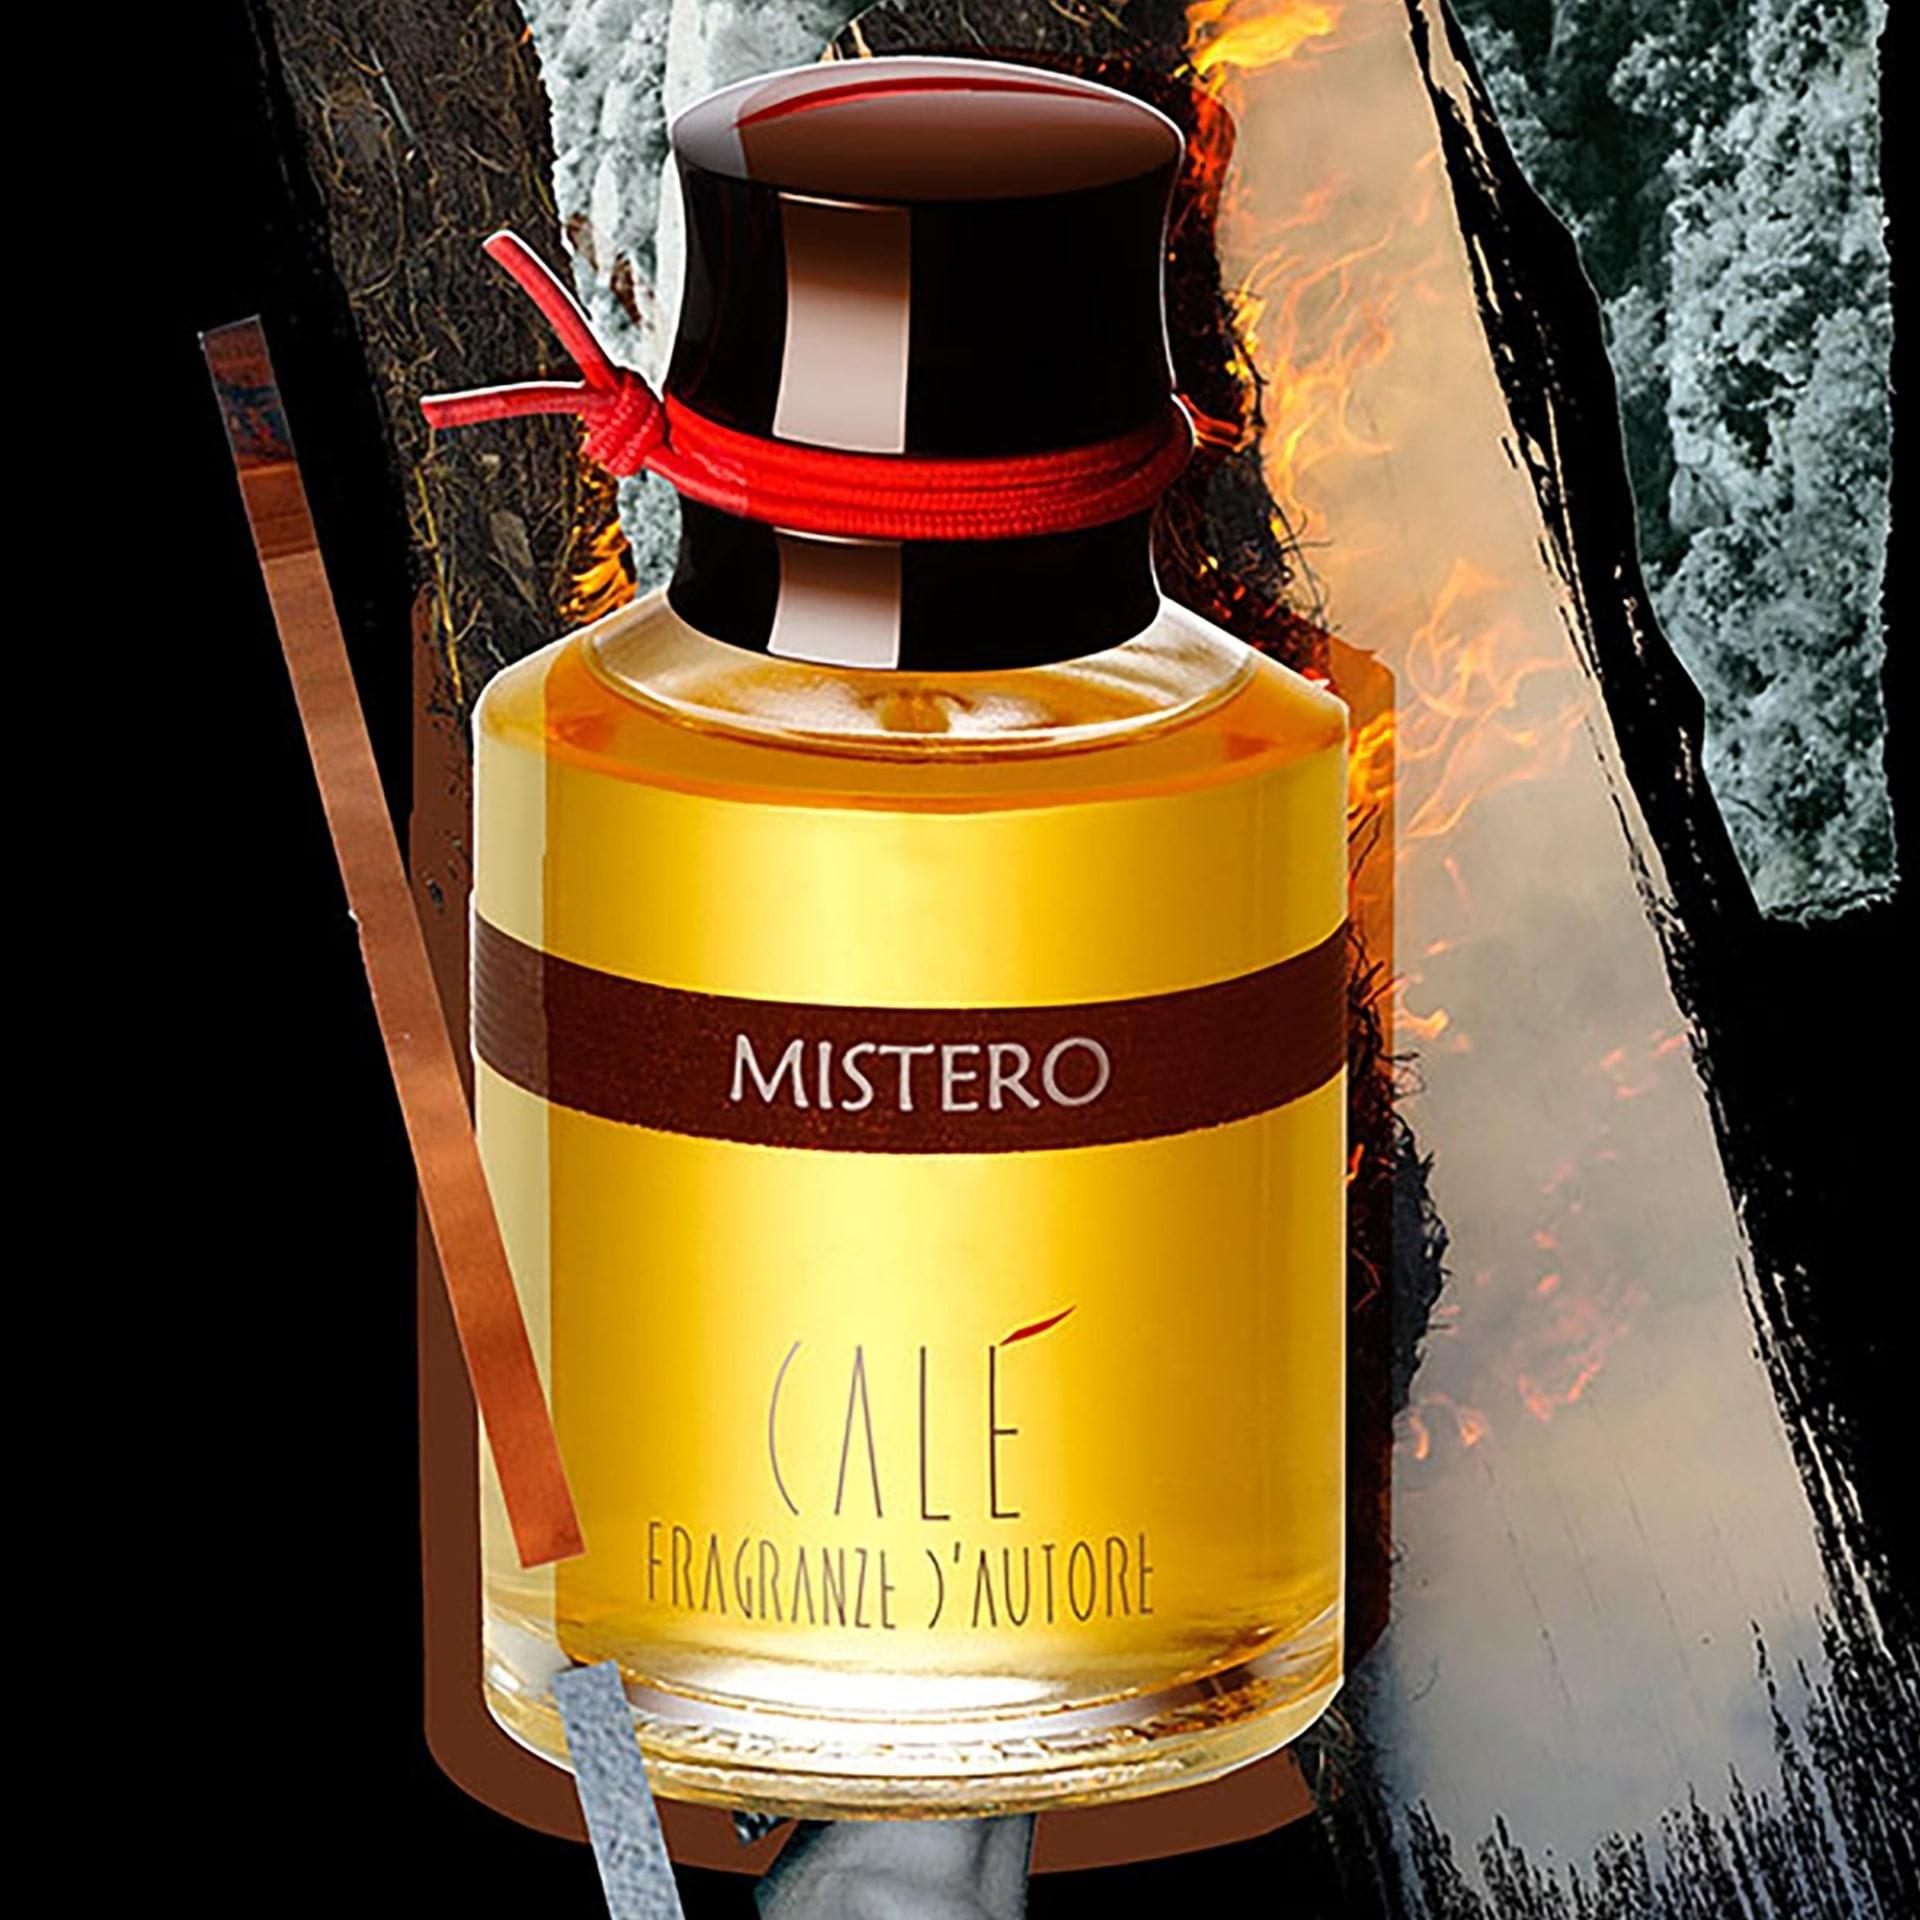 cale-fragranze-dautore-mistero-1